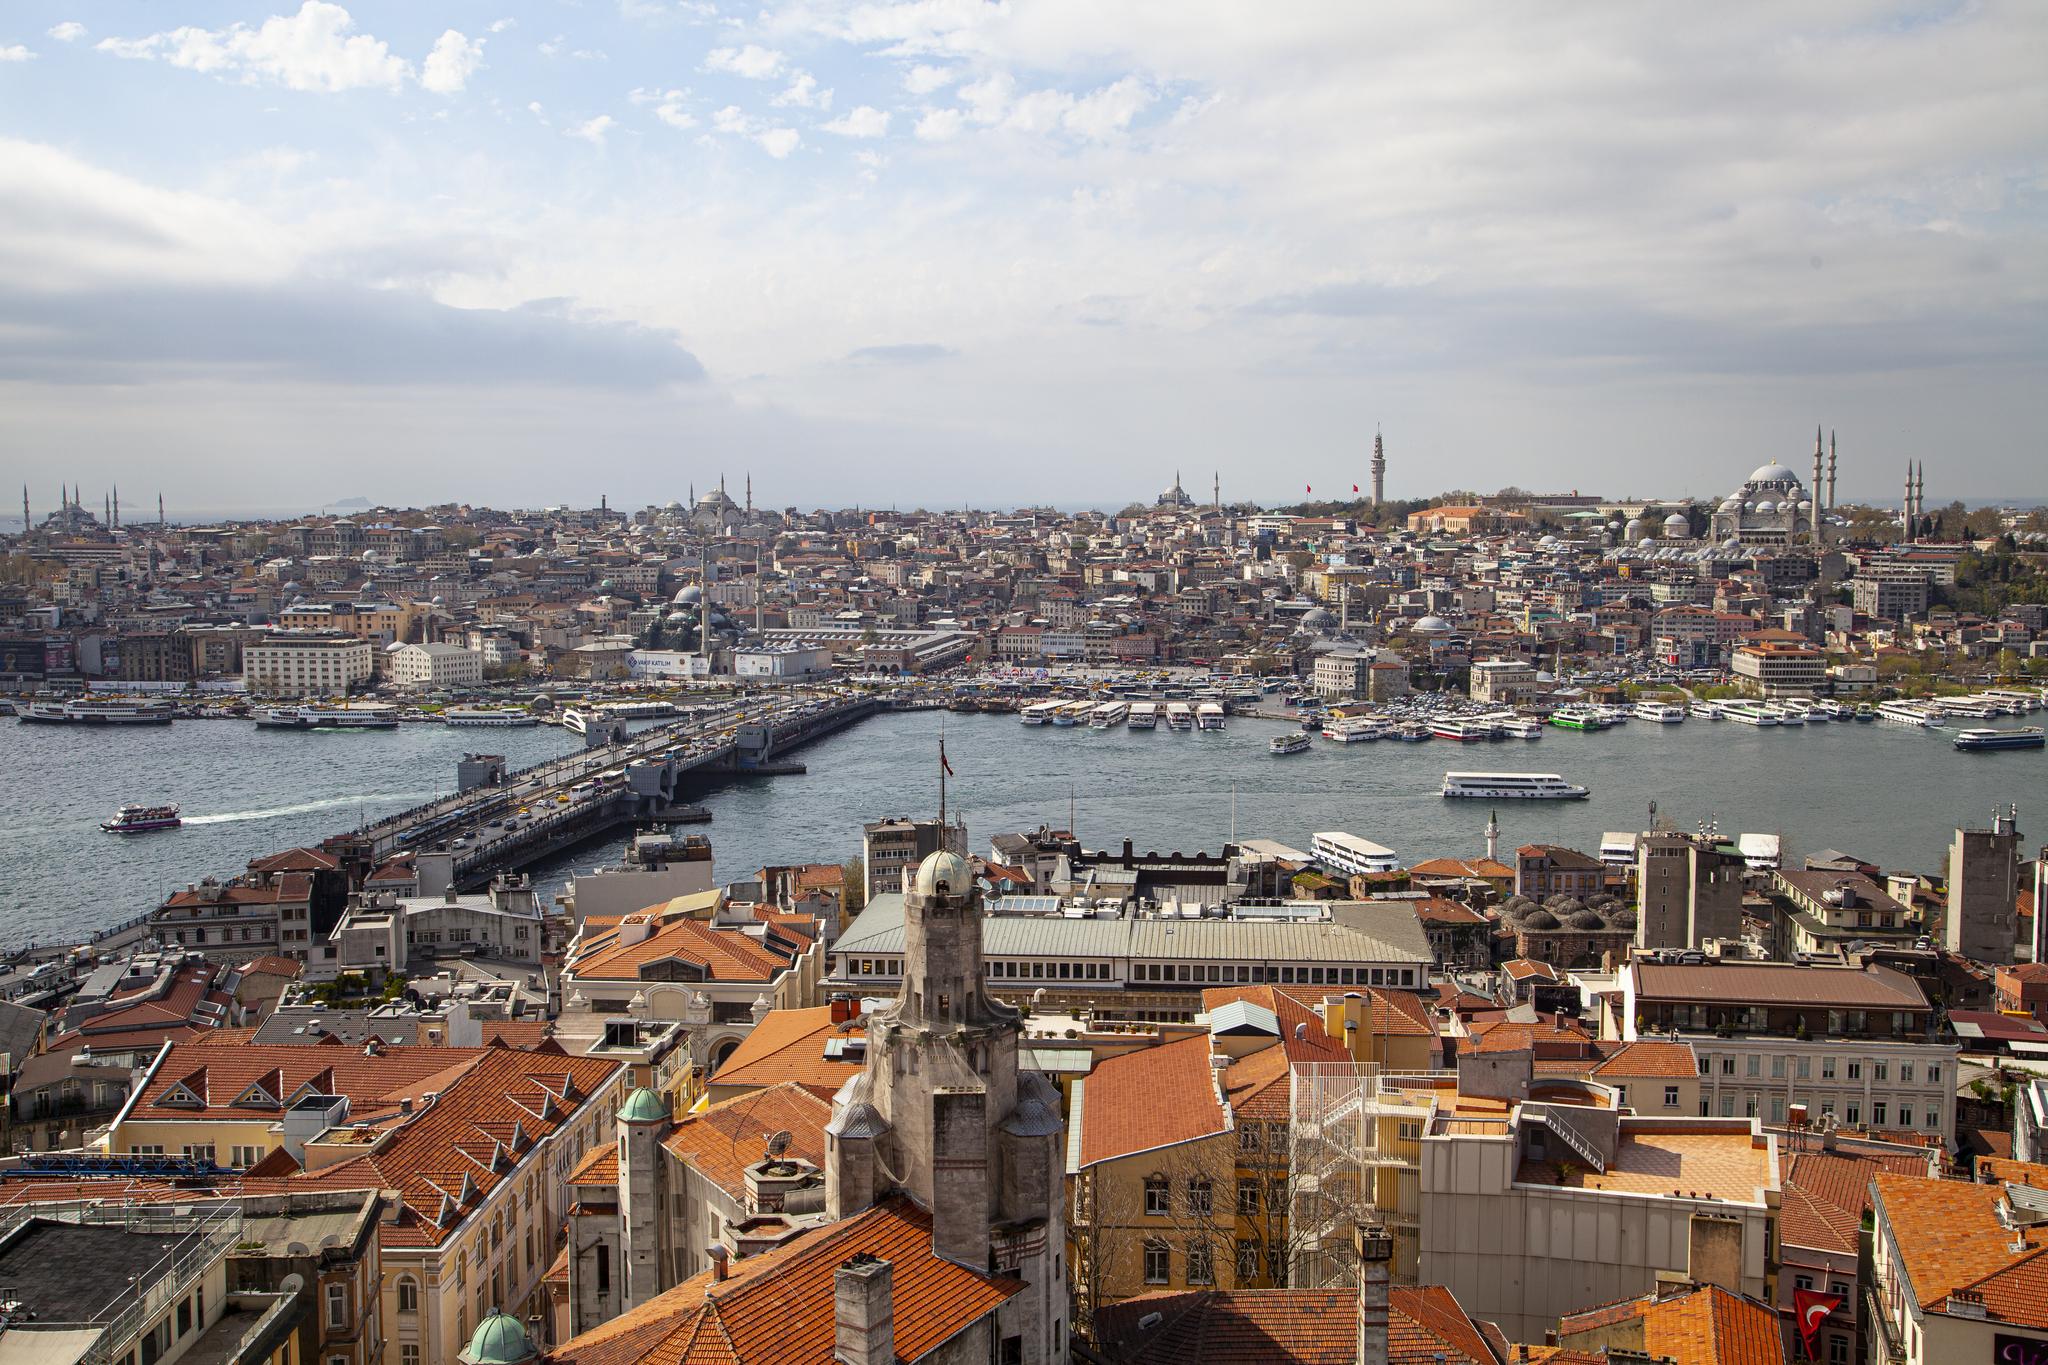 [한 컷 세계여행] 유럽이야? 아시아야? 기구한 운명의 도시